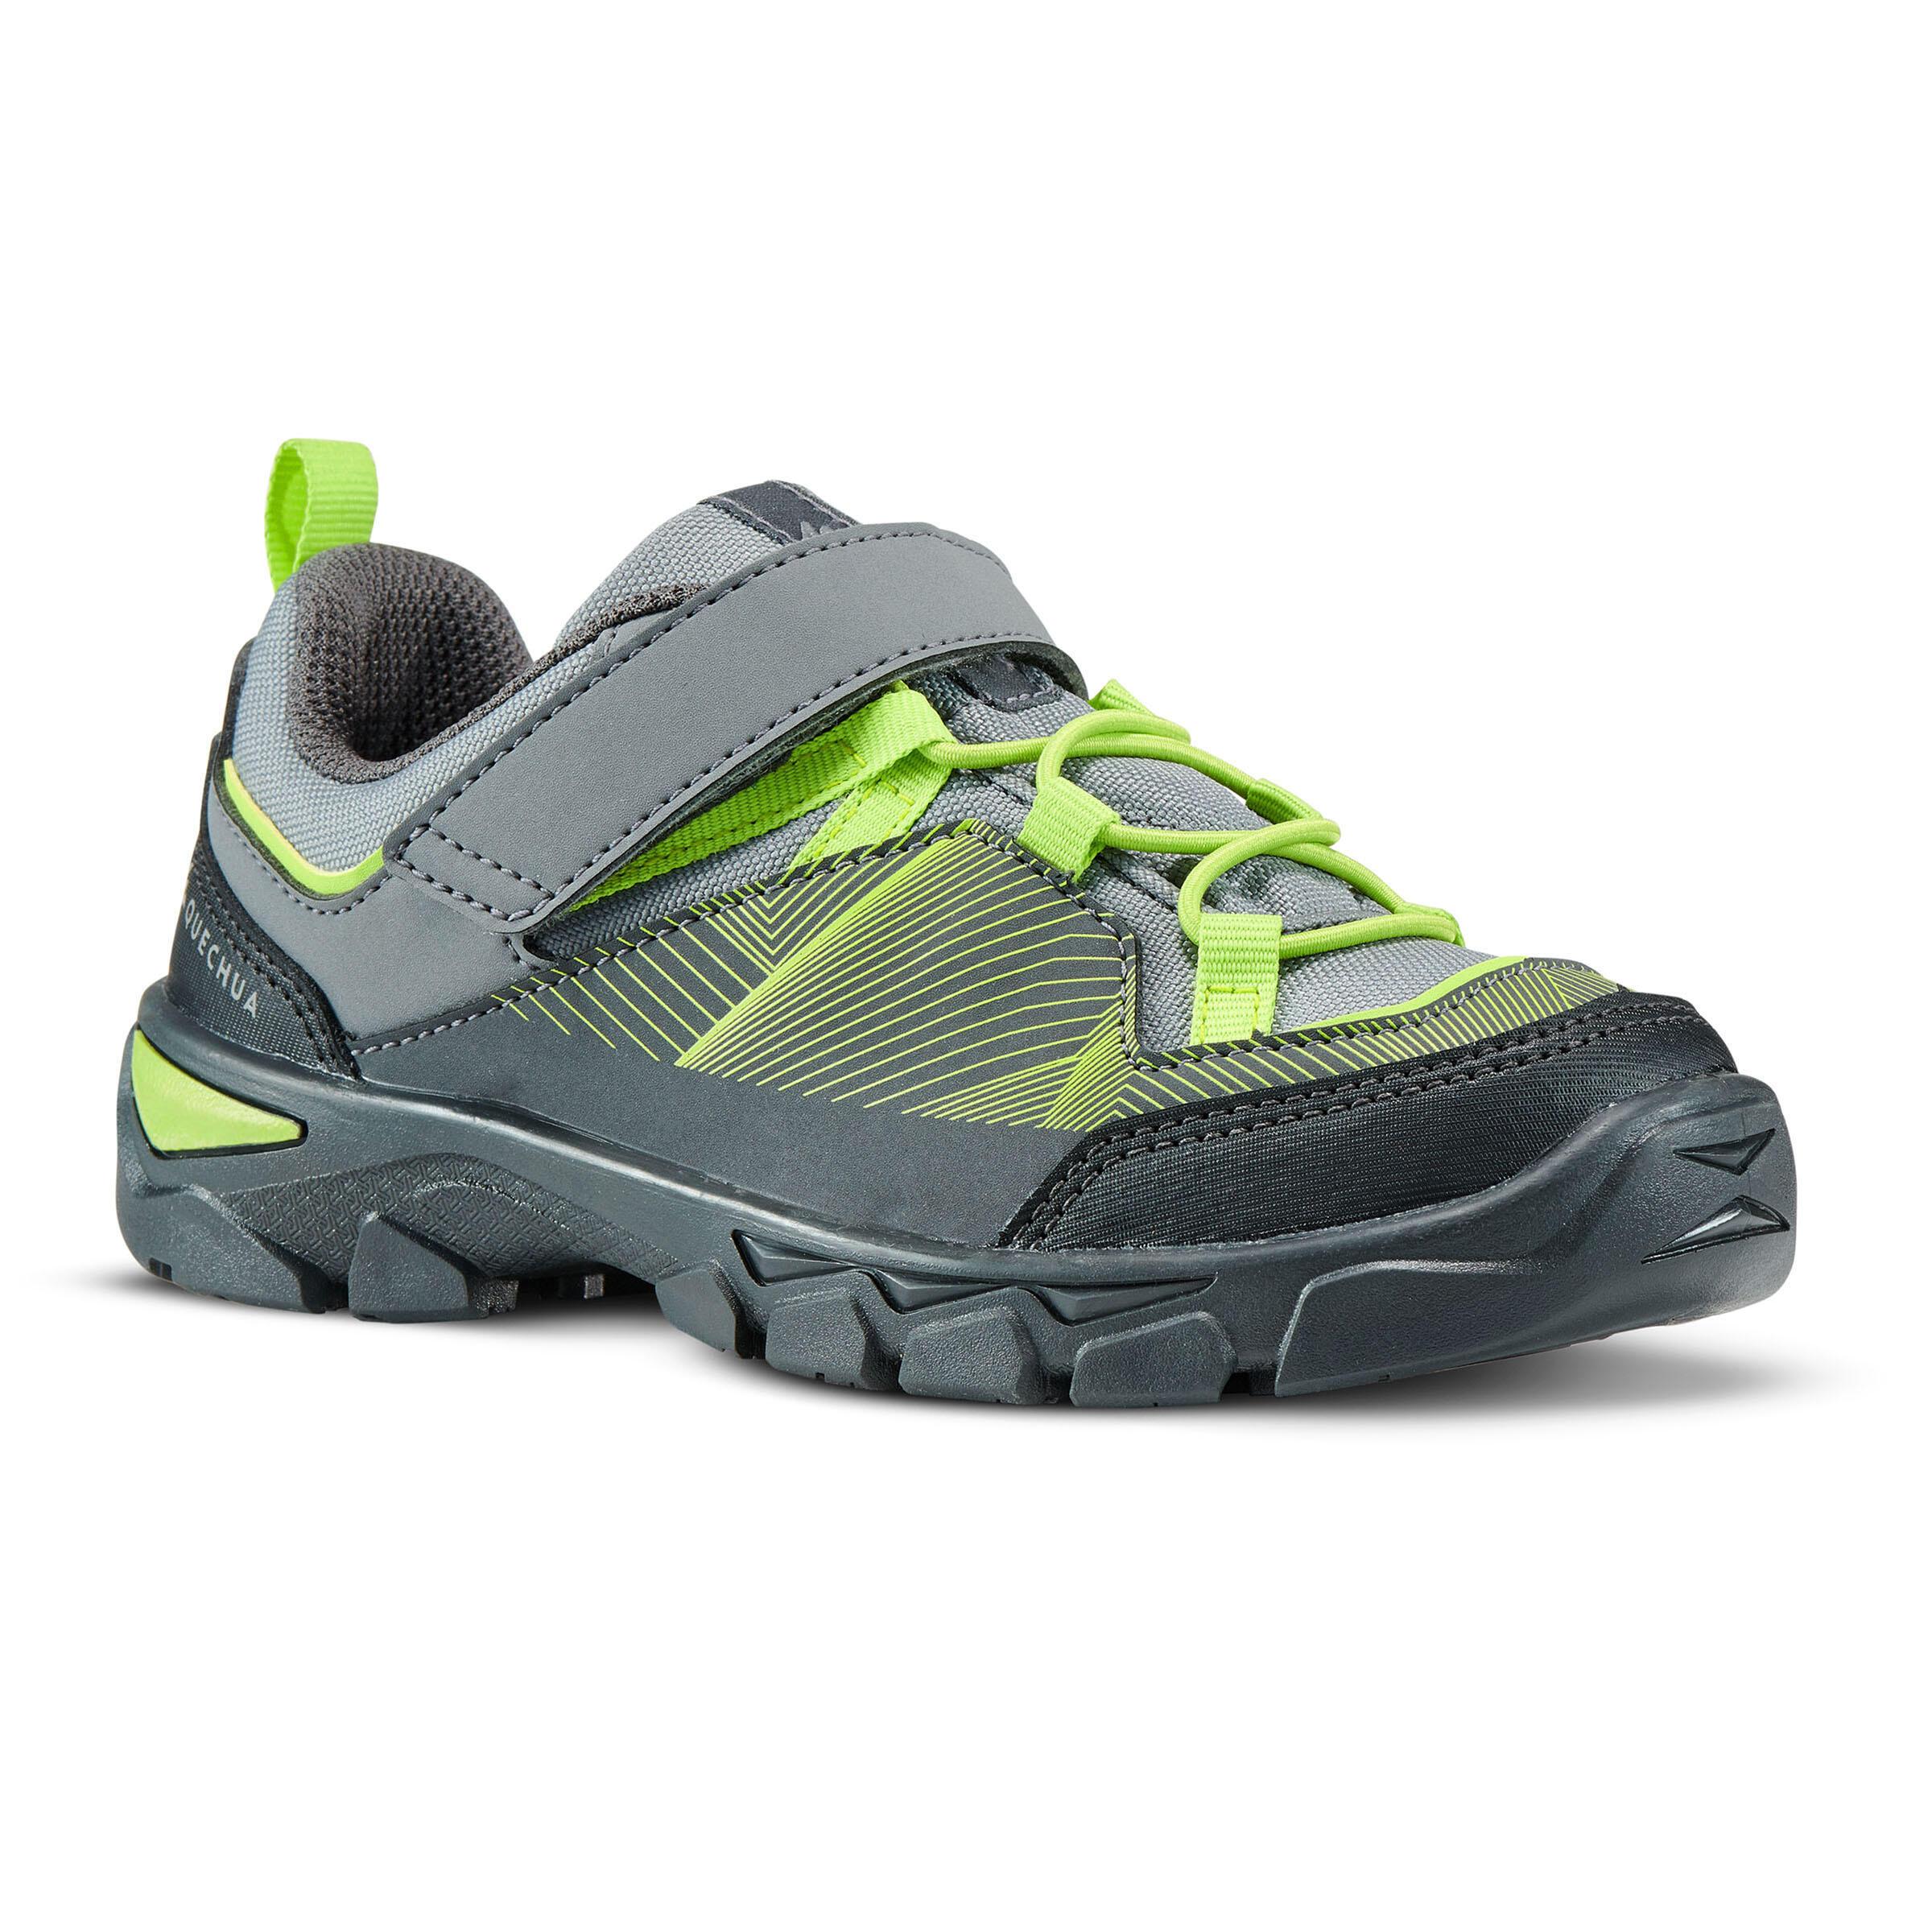 Chaussure 3 Gris Mh120 Enfant De Vert 11 Et Autoagripant Basse Randonnée YfIbyv76g